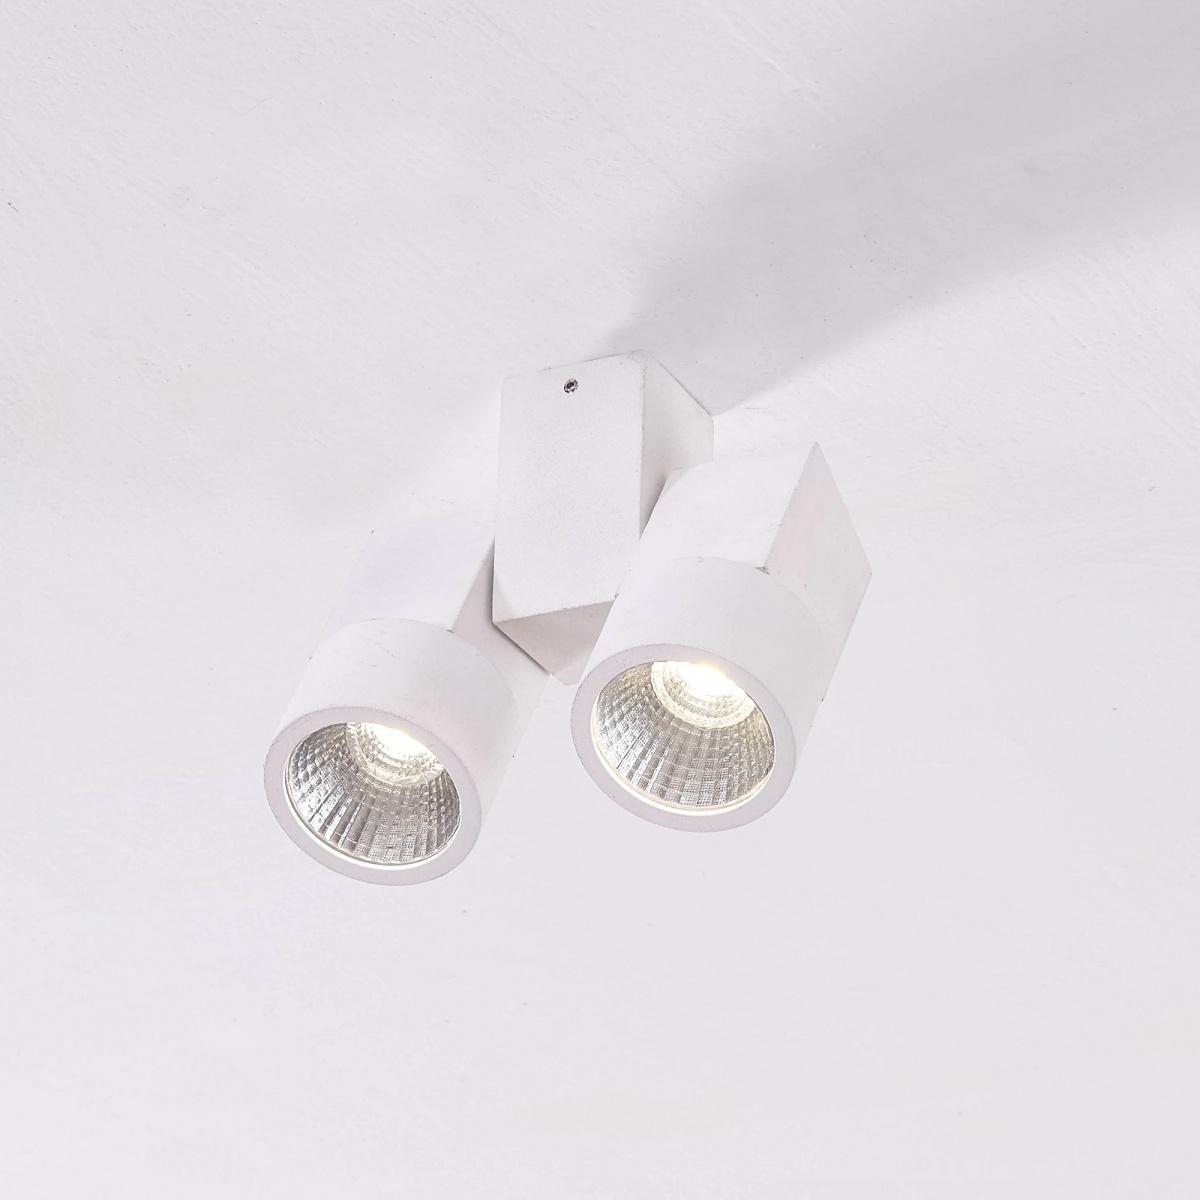 CITILUX CL556100 Накладной светильник ДУБЛЬ 2x5W LED белый